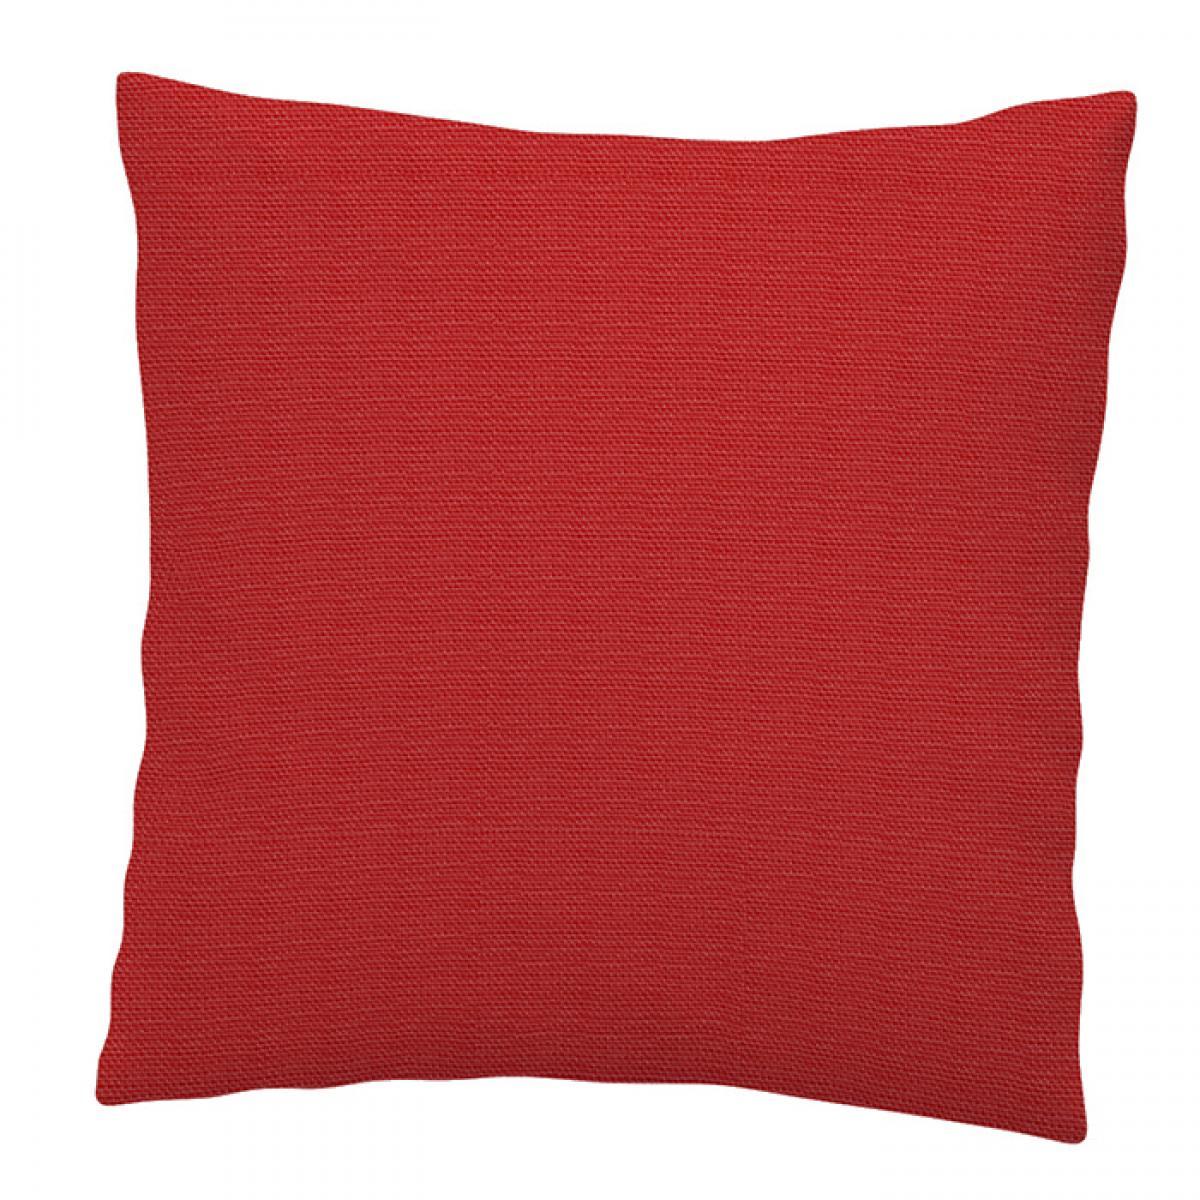 Красная наволочка без вышивки 40 * 40. Фото №1. | Народный дом Украина